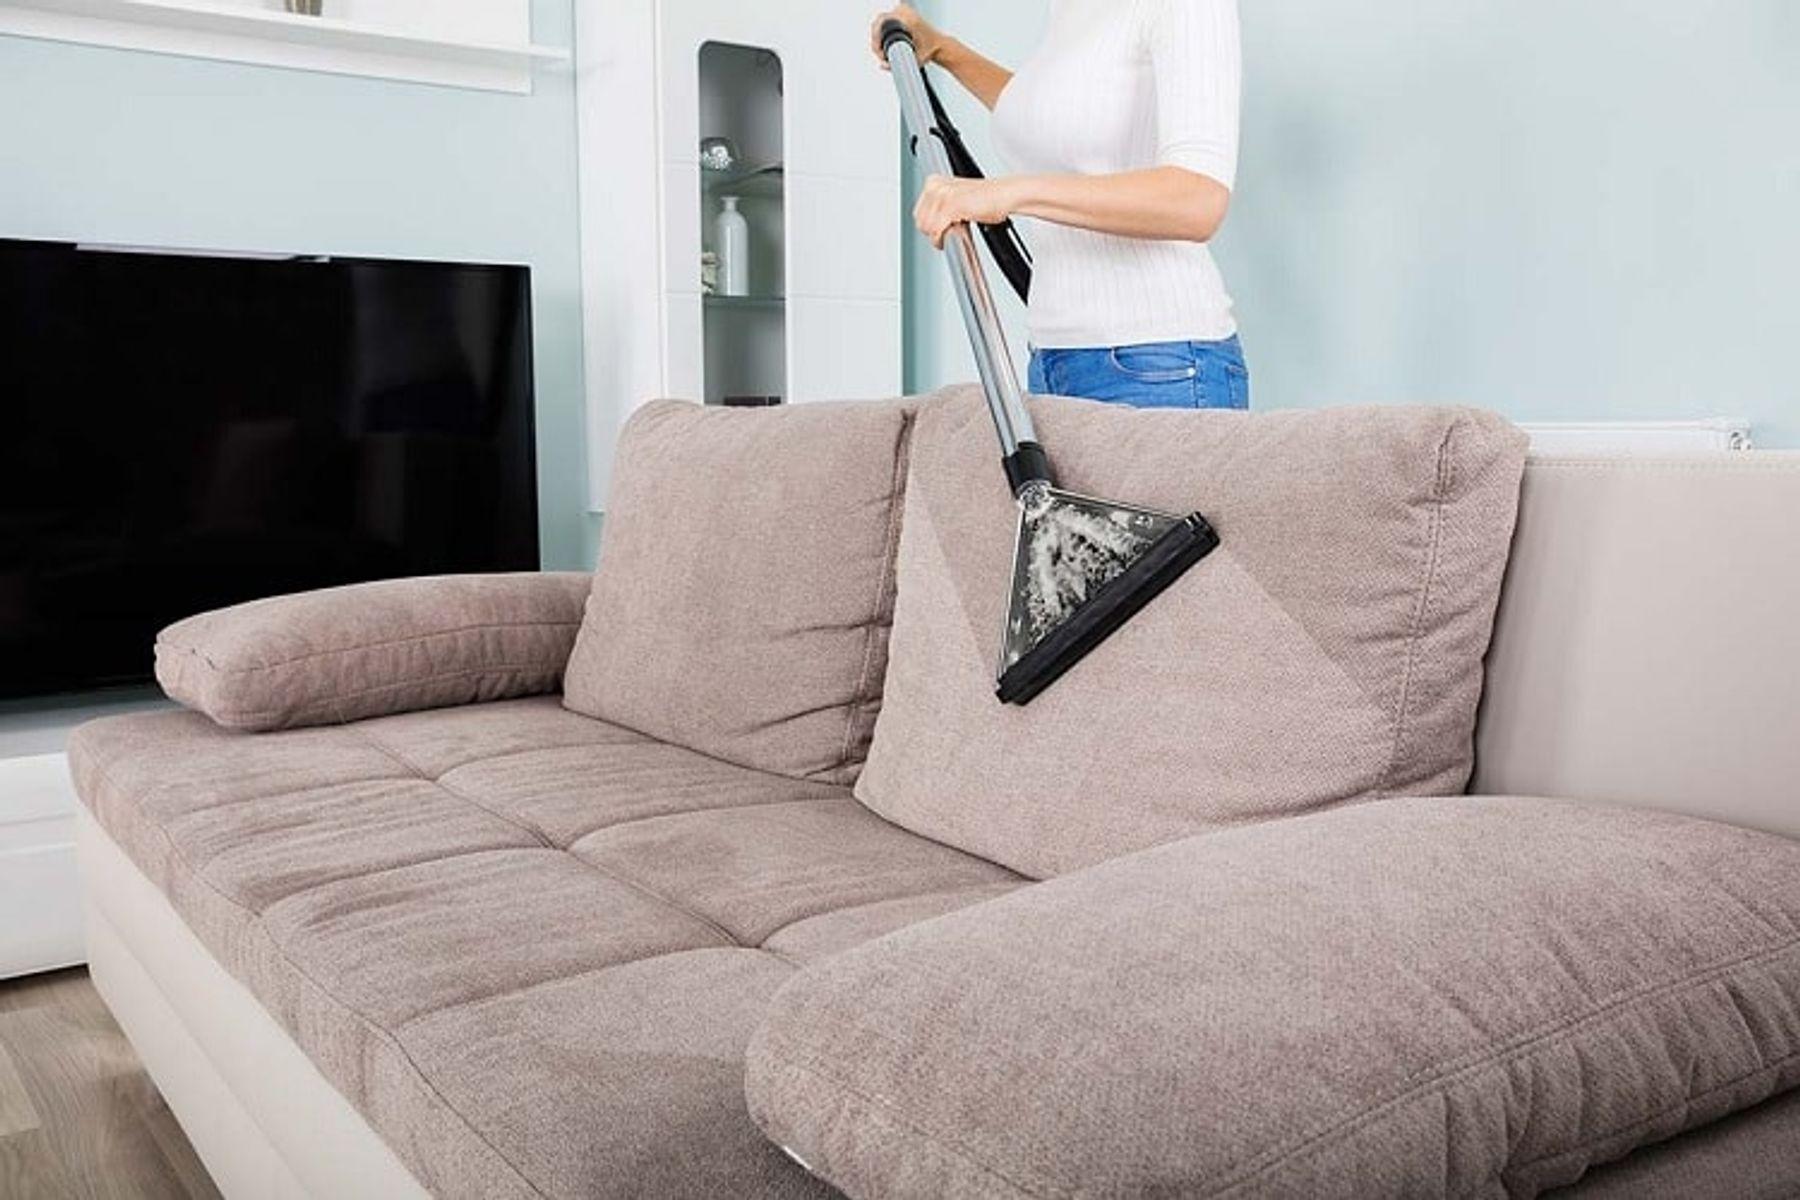 Cách sử dụng máy giặt ghế sofa